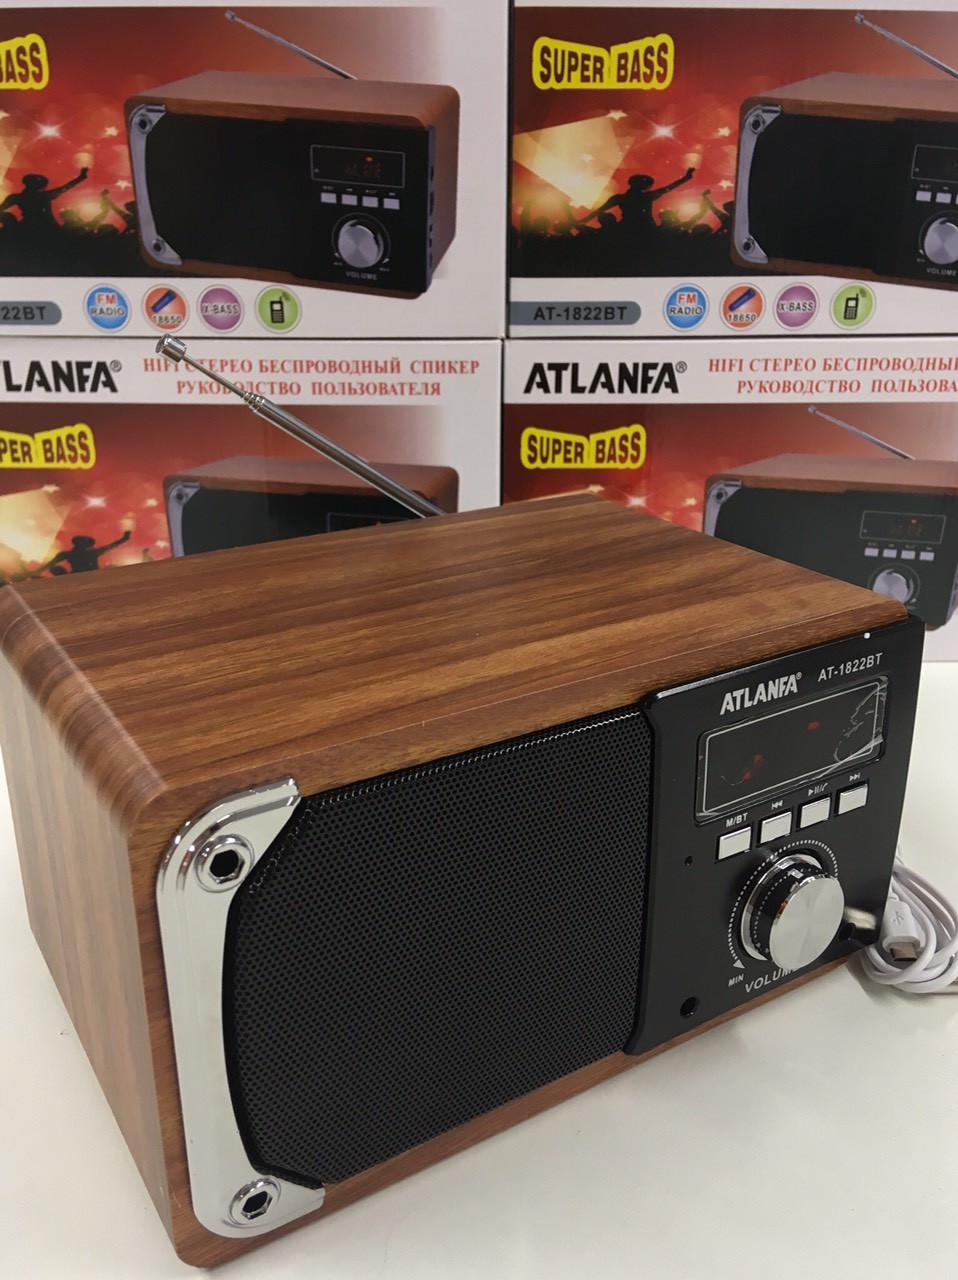 Портативная акустическая колонка Atlanfa AT-1822ВТ, FM, 6W, Super Bass speaker AUX bluetooth MP3 microSD/TF